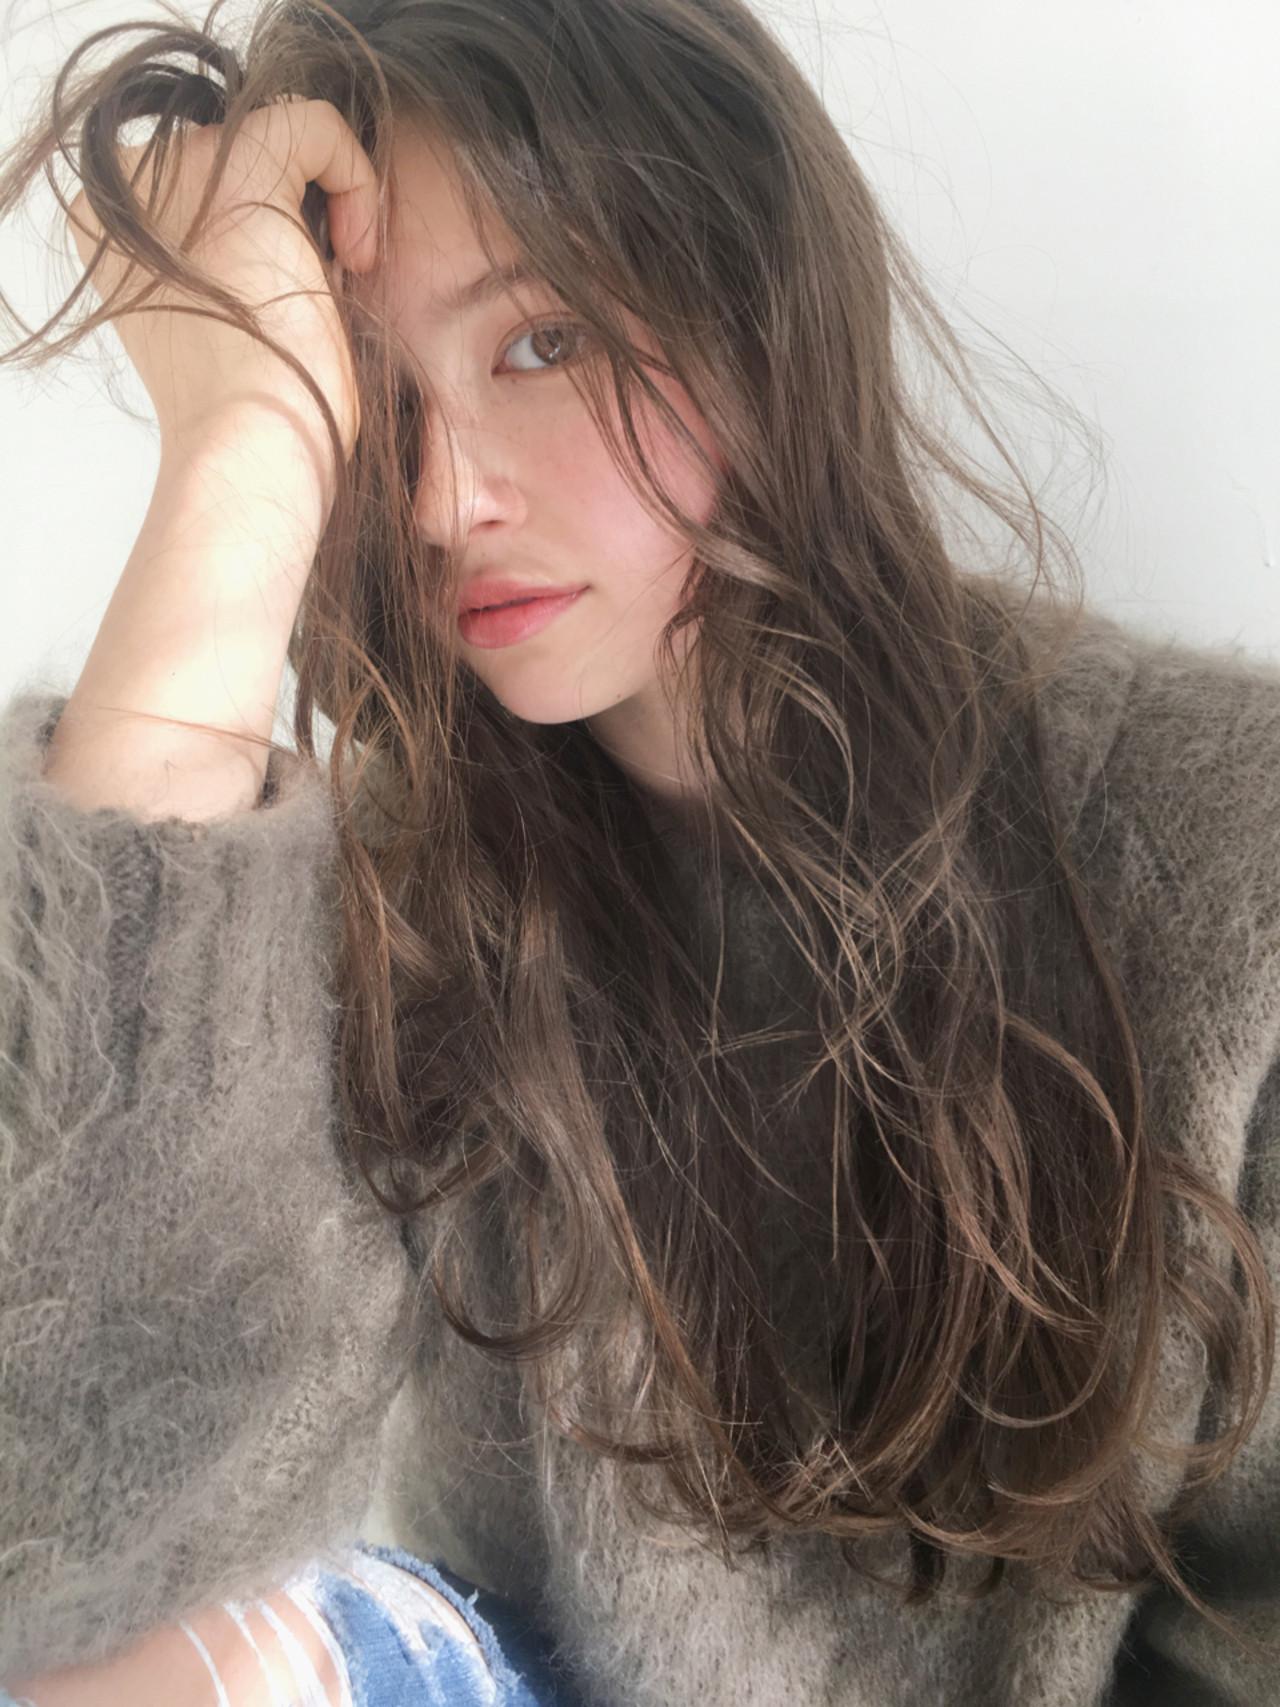 利用鬆軟輕柔卷髮營造外國人風♡長髮造型 中島 潮里 / LOAVE